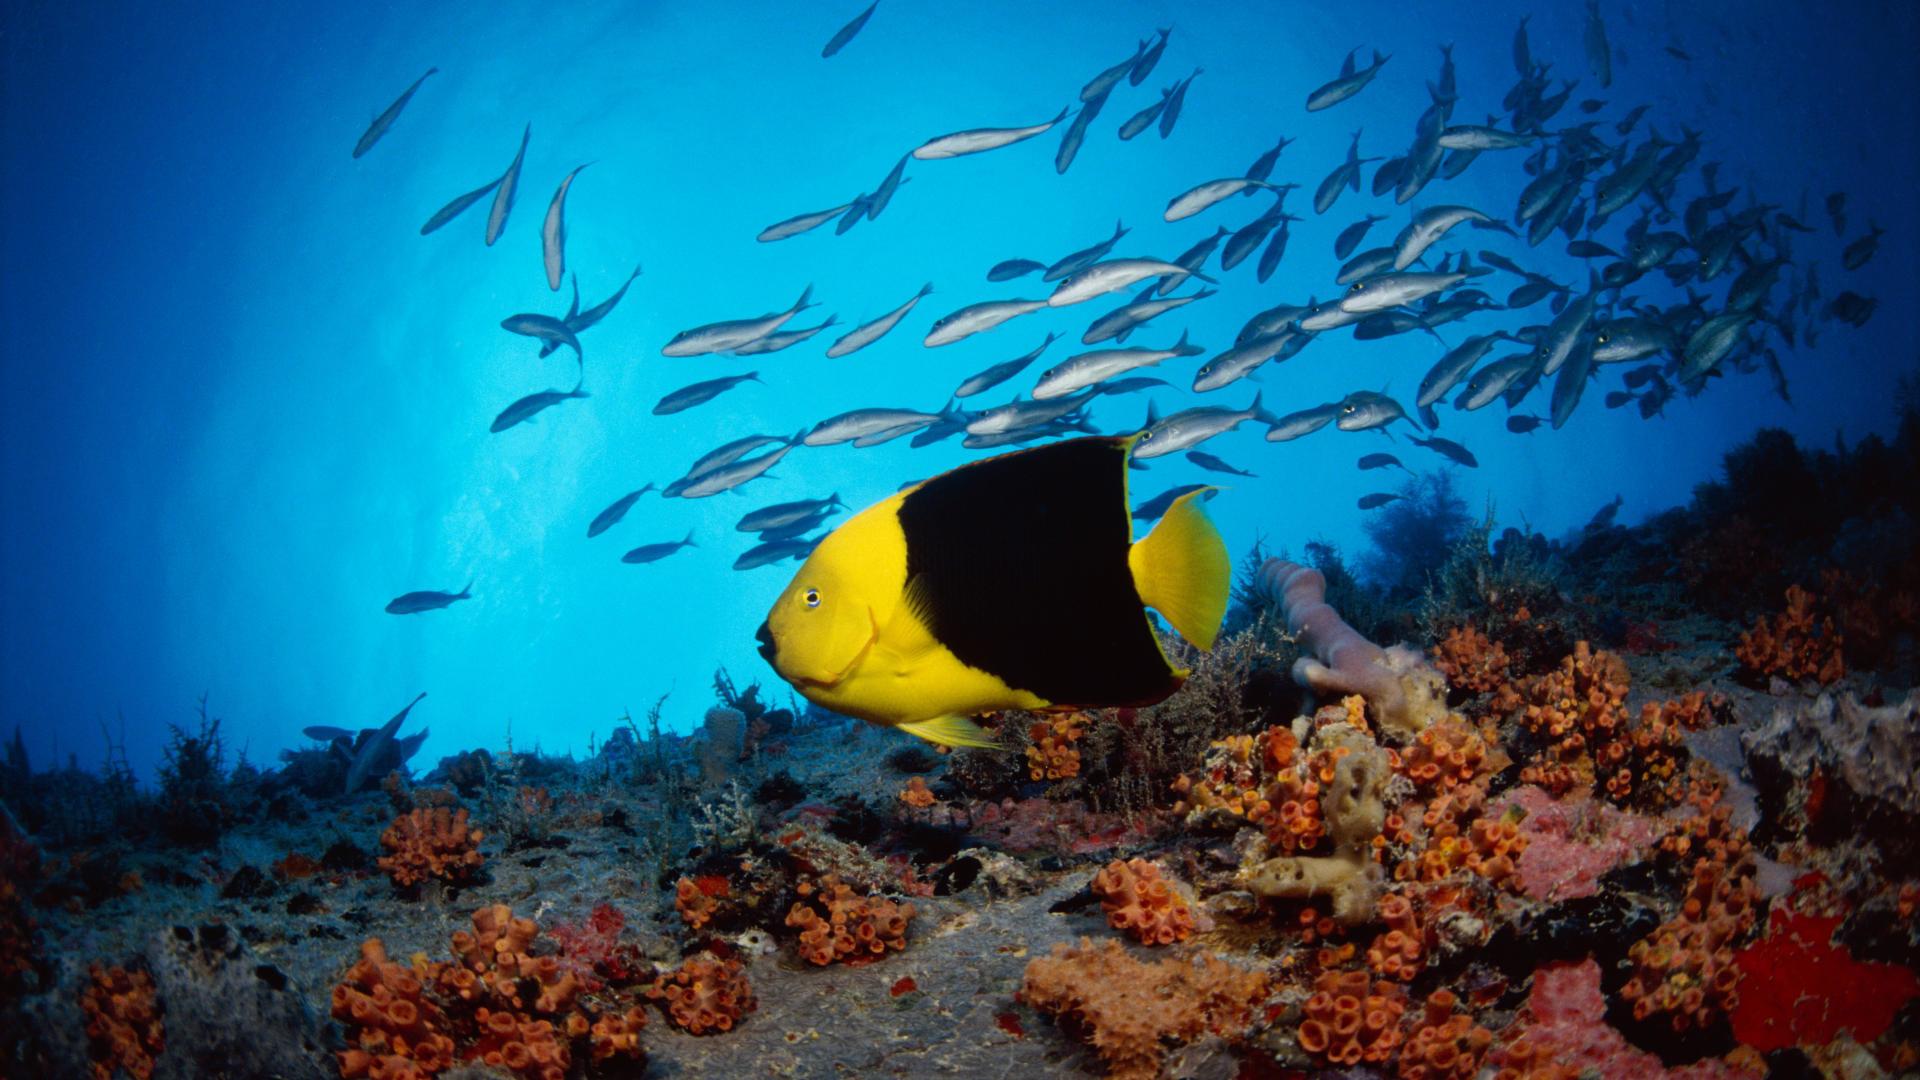 HD Underwater Widescreen Desktop Wallpapers Download at